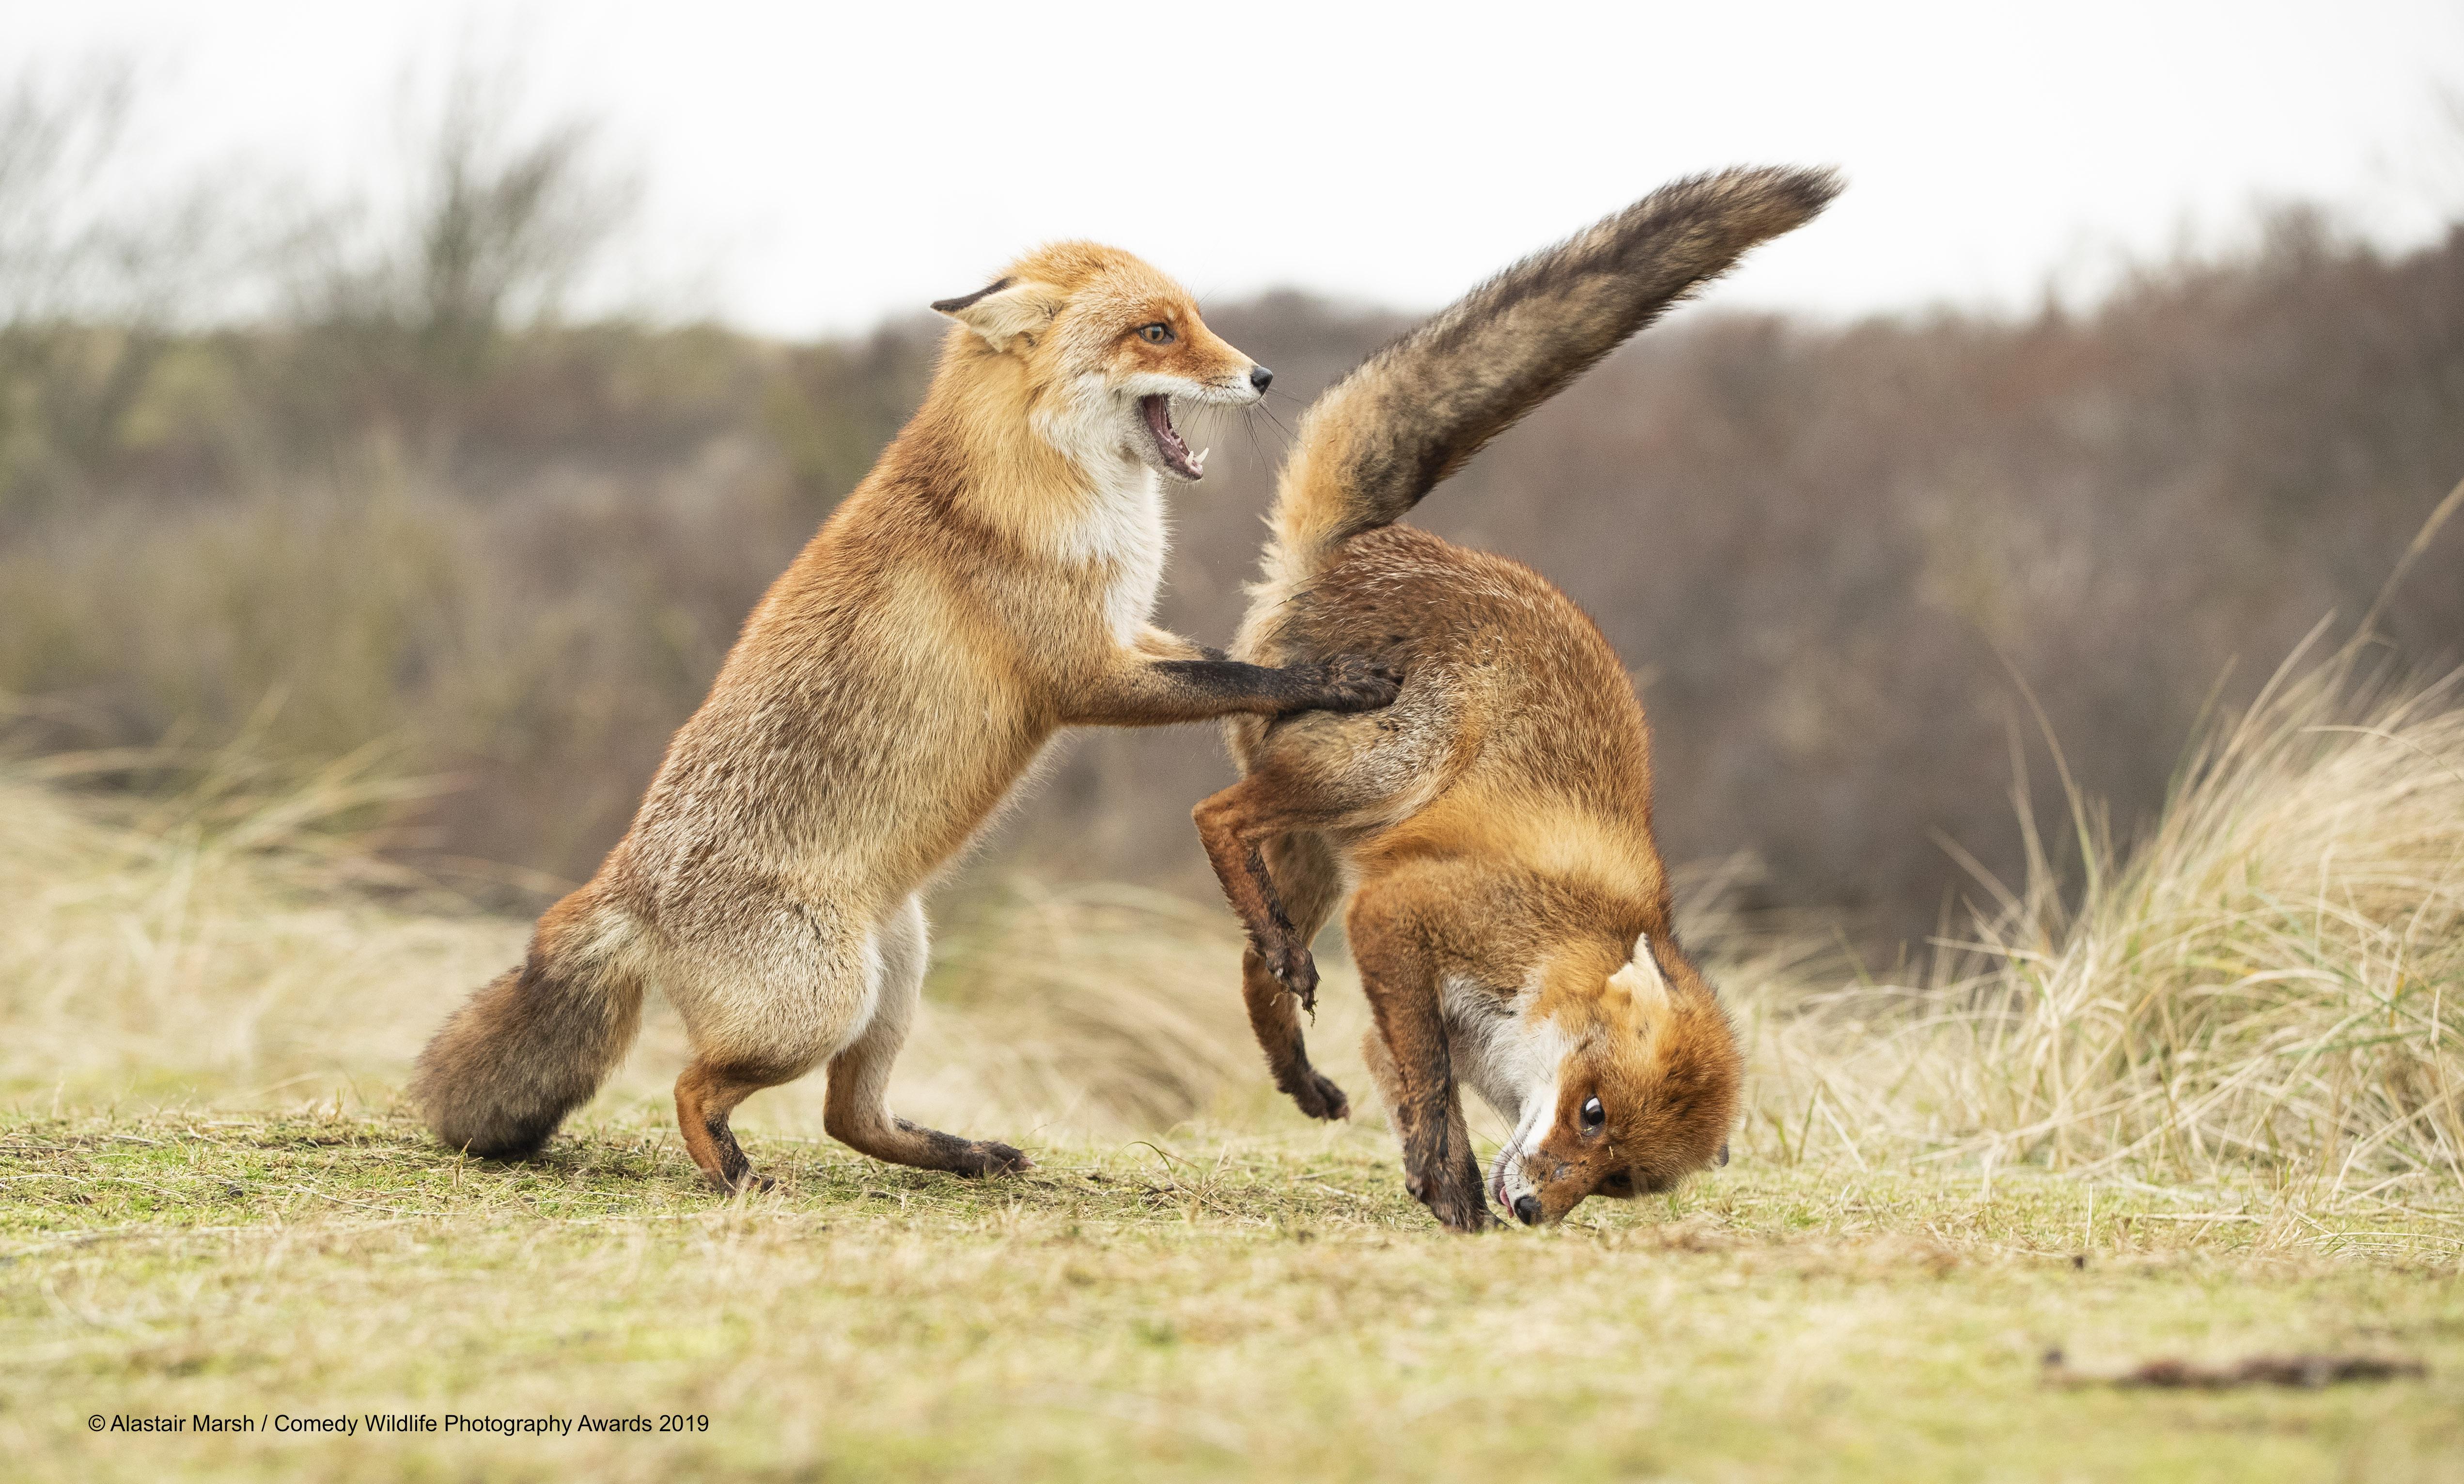 Jedna lisica pokazuje drugoj što misli o njoj, snima Alastair Marsh